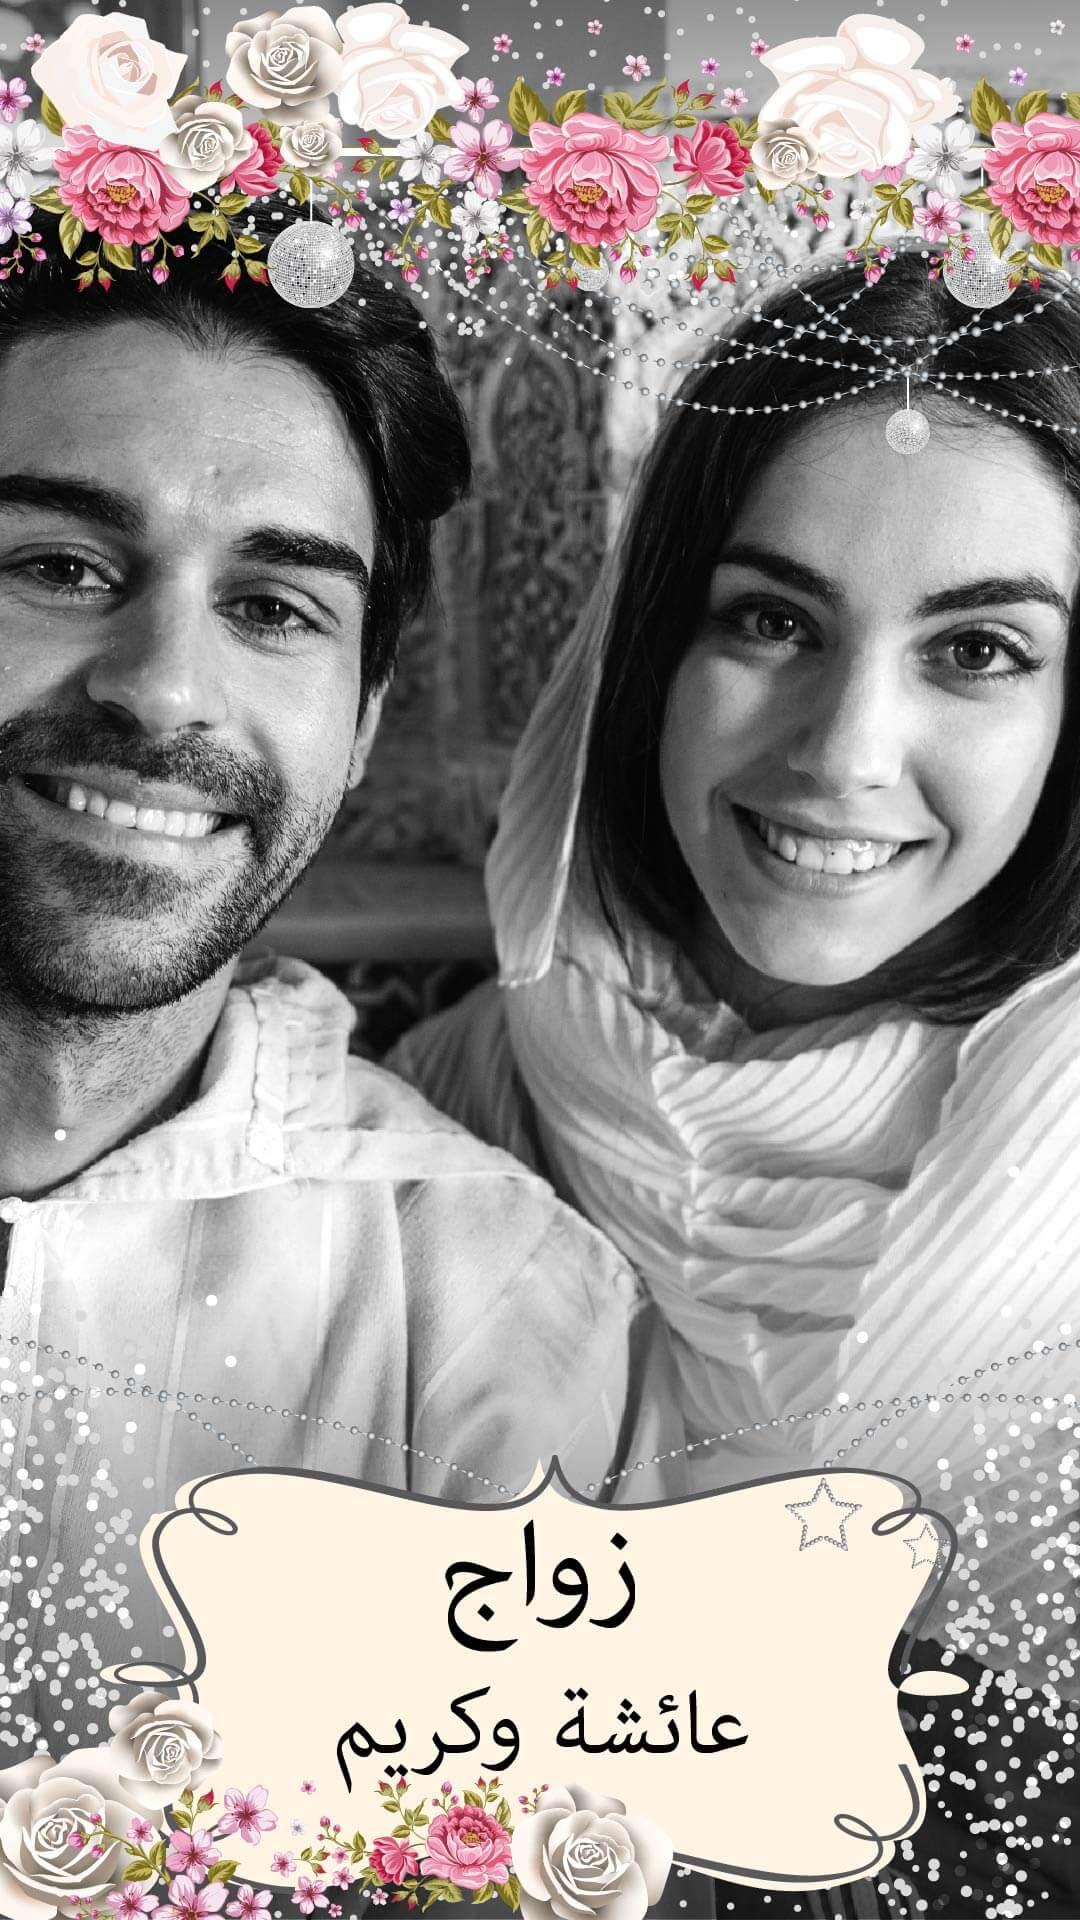 حفلات الزفاف Snapchat Geofilters